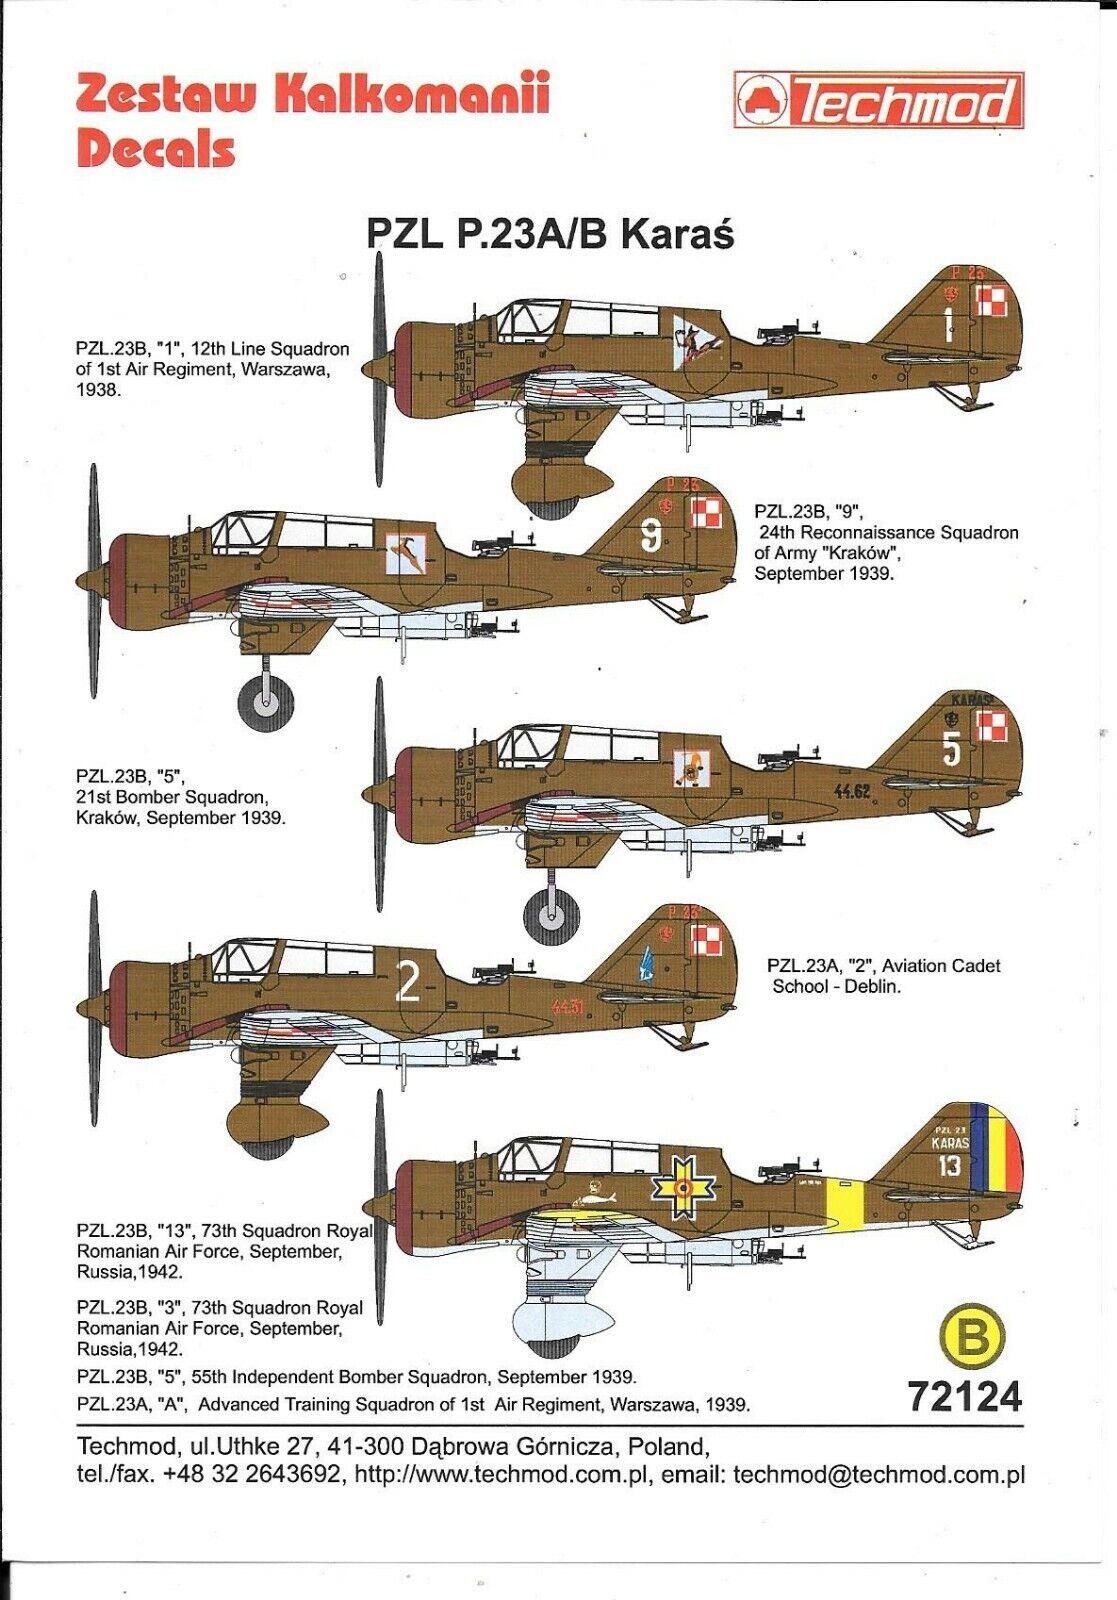 Techmod Pzl P 23A B Karas, Polierung, Rumänisch Markierungen, Deko in 1 72 124